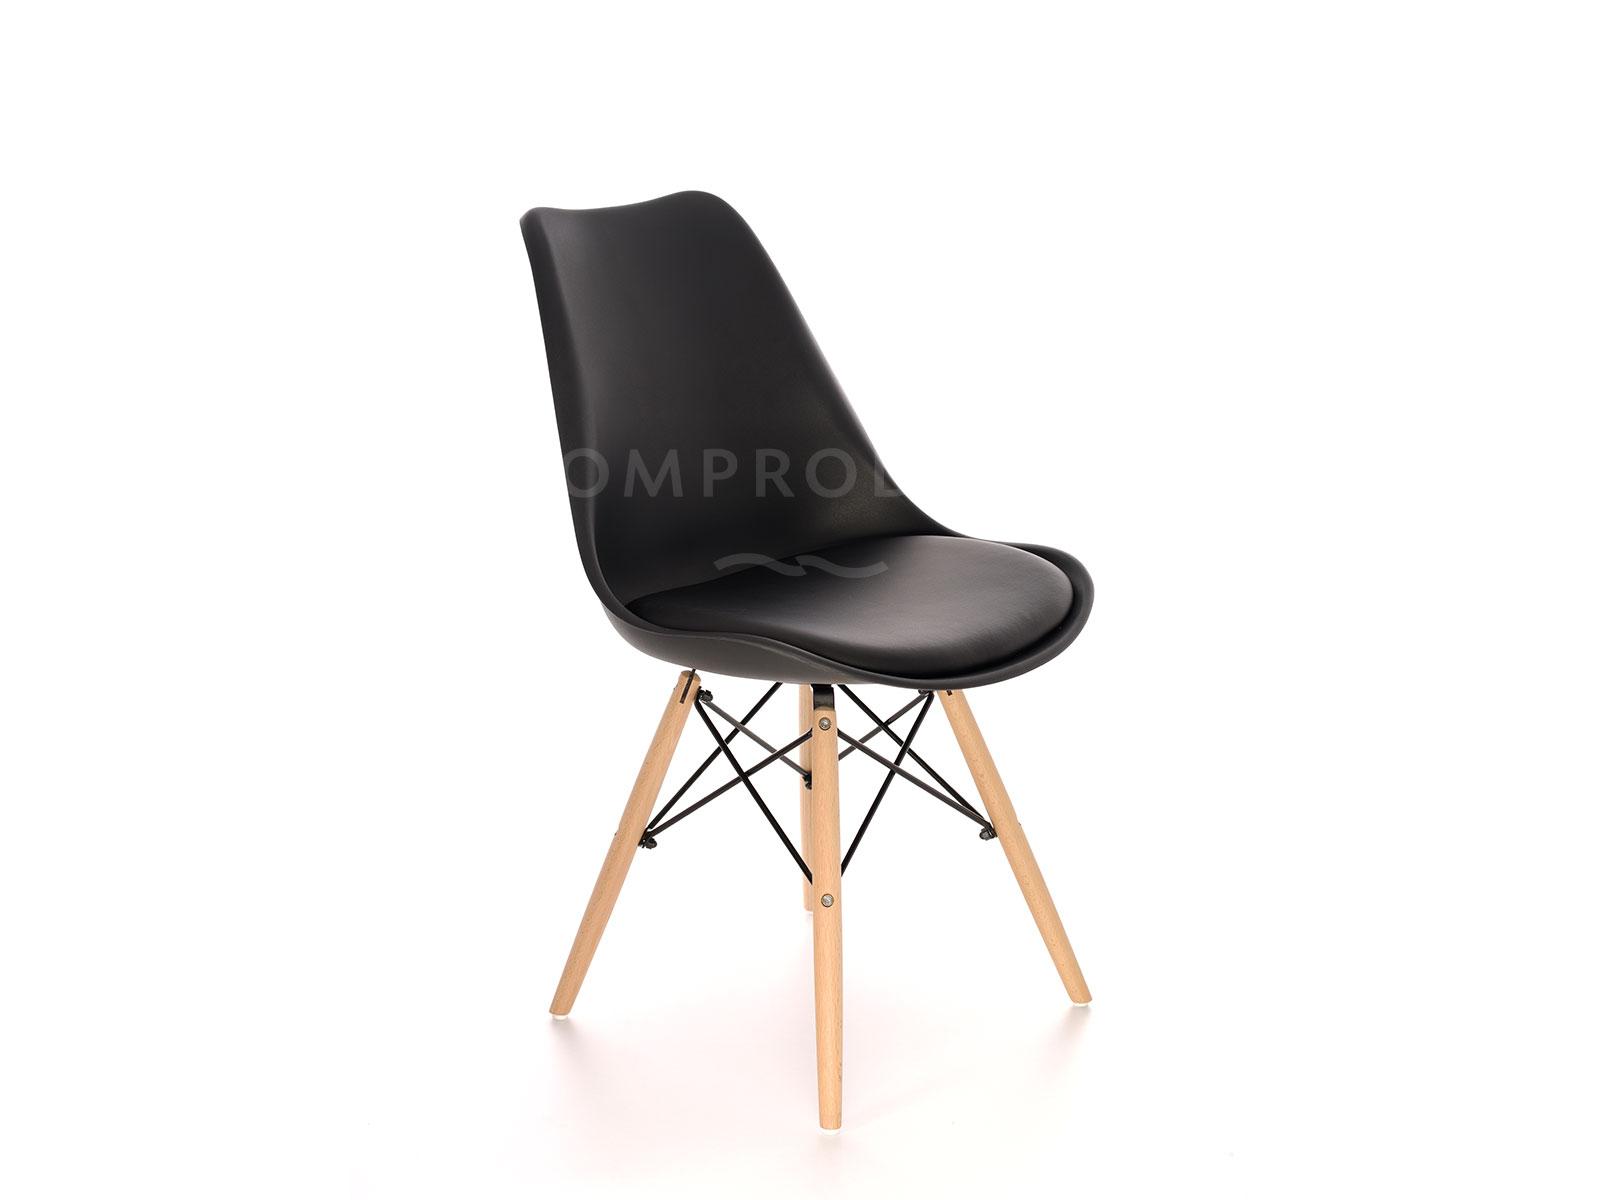 Scaun din plastic, cu picioare de lemn si sezut tapitat cu piele ecologica, Orlando Black, l56xA46xH81 cm imagine